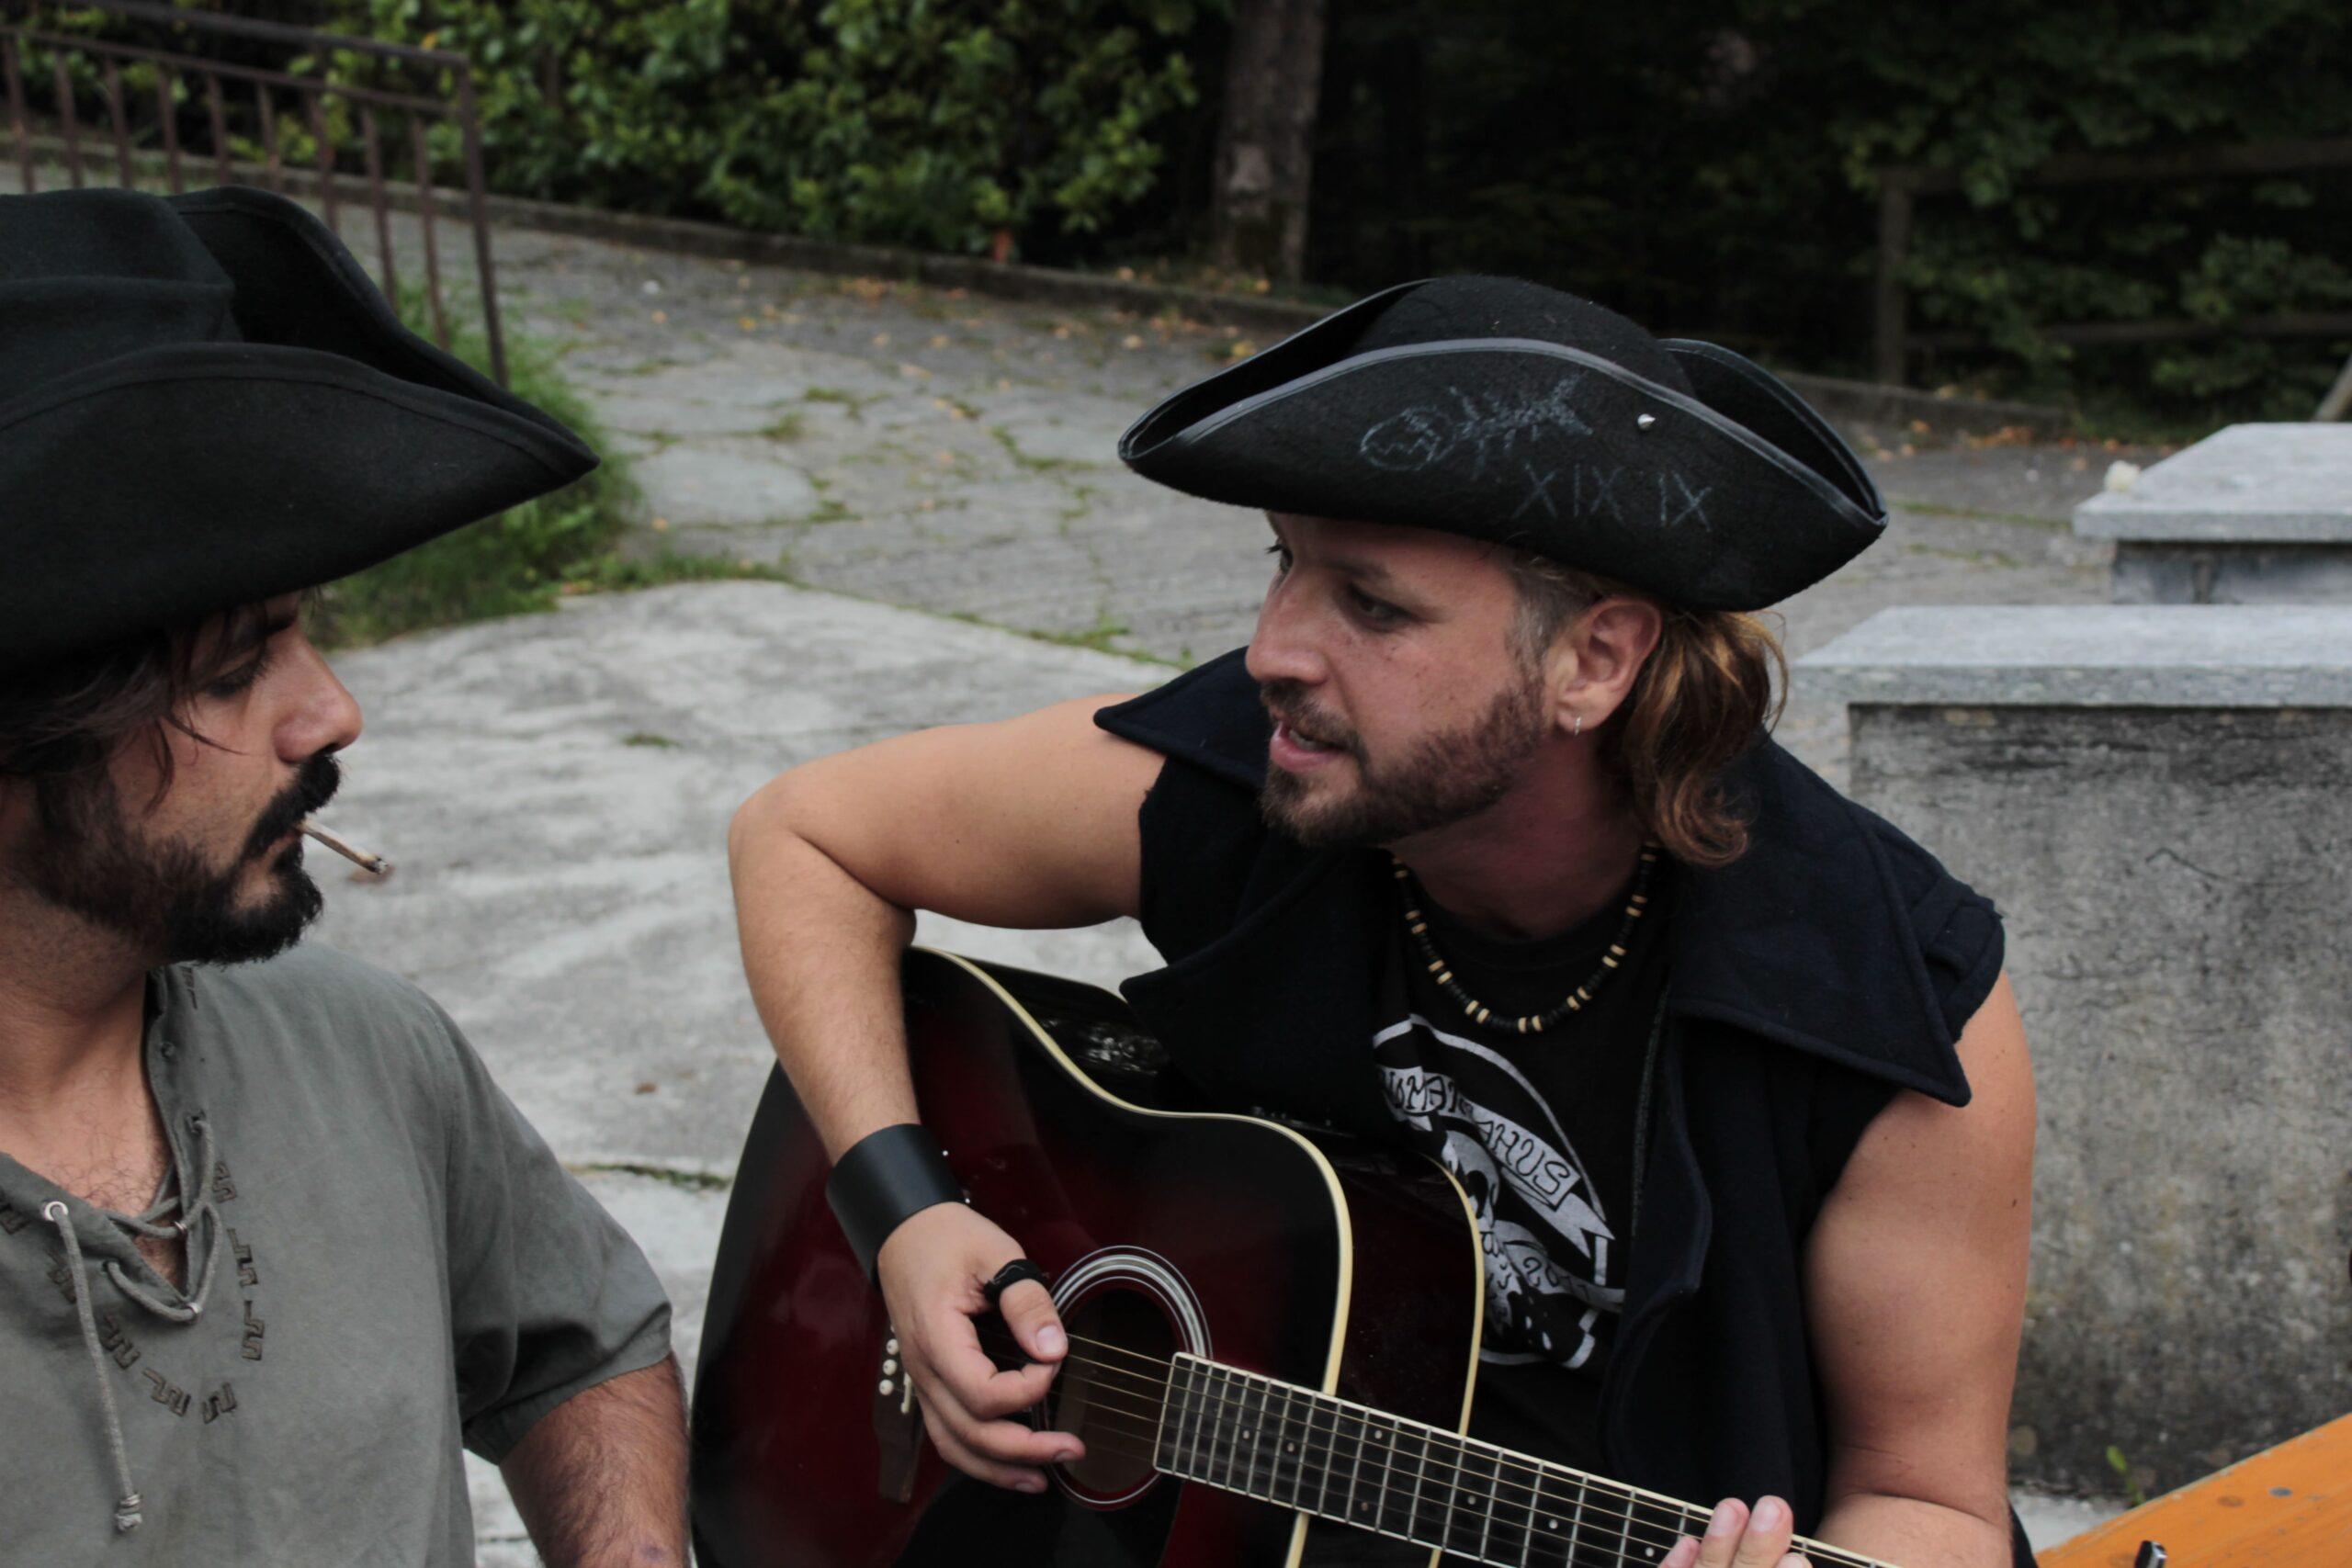 Un giorno da pirata: talk like a pirate day 1992020! 1